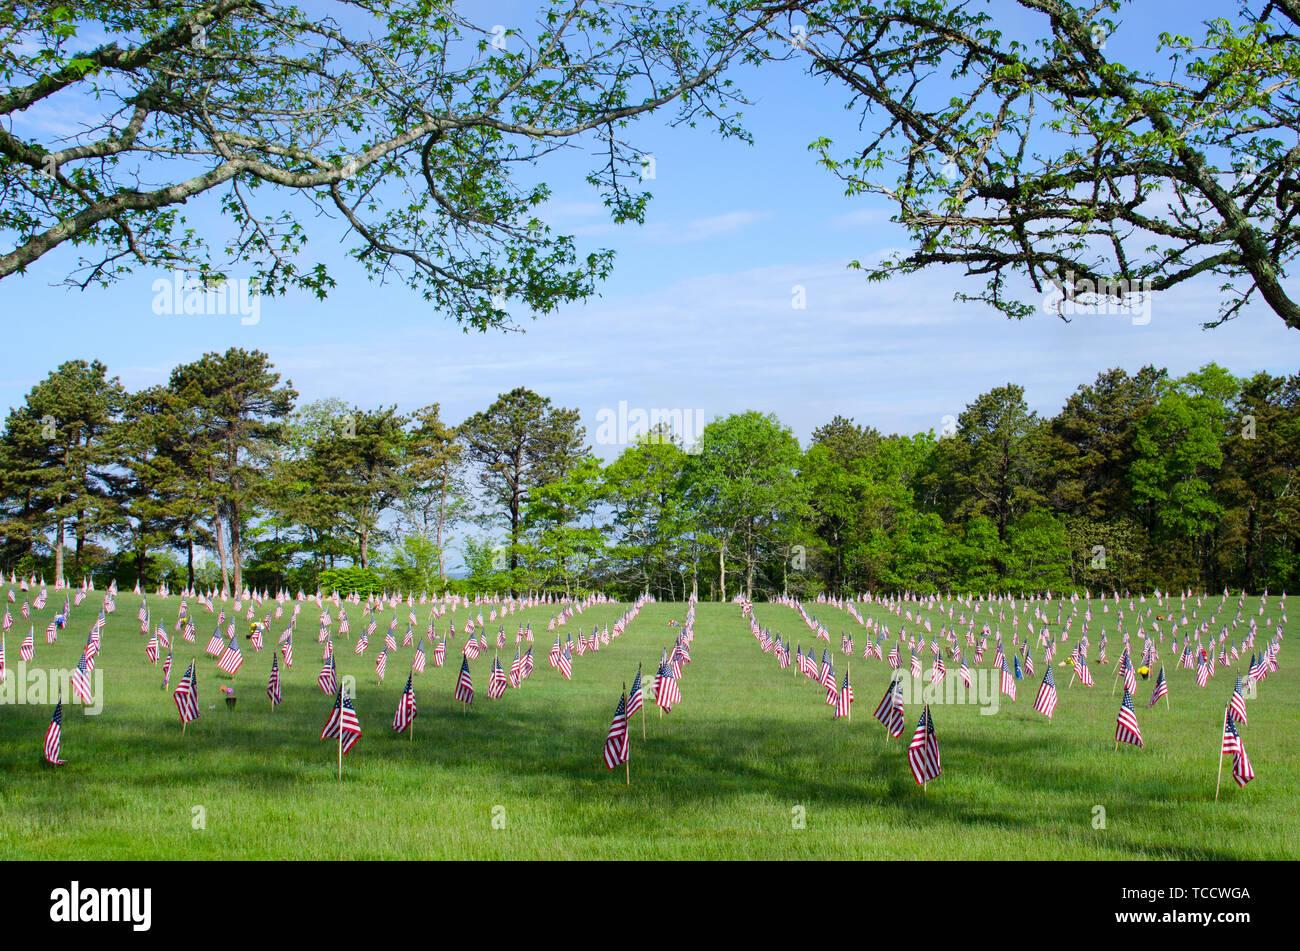 Cementerio Nacional de Bourne, Massachusetts con banderas americanas colocado en cada lápida para Memorial Day enmarcada por ramas de árbol w/ deja Foto de stock